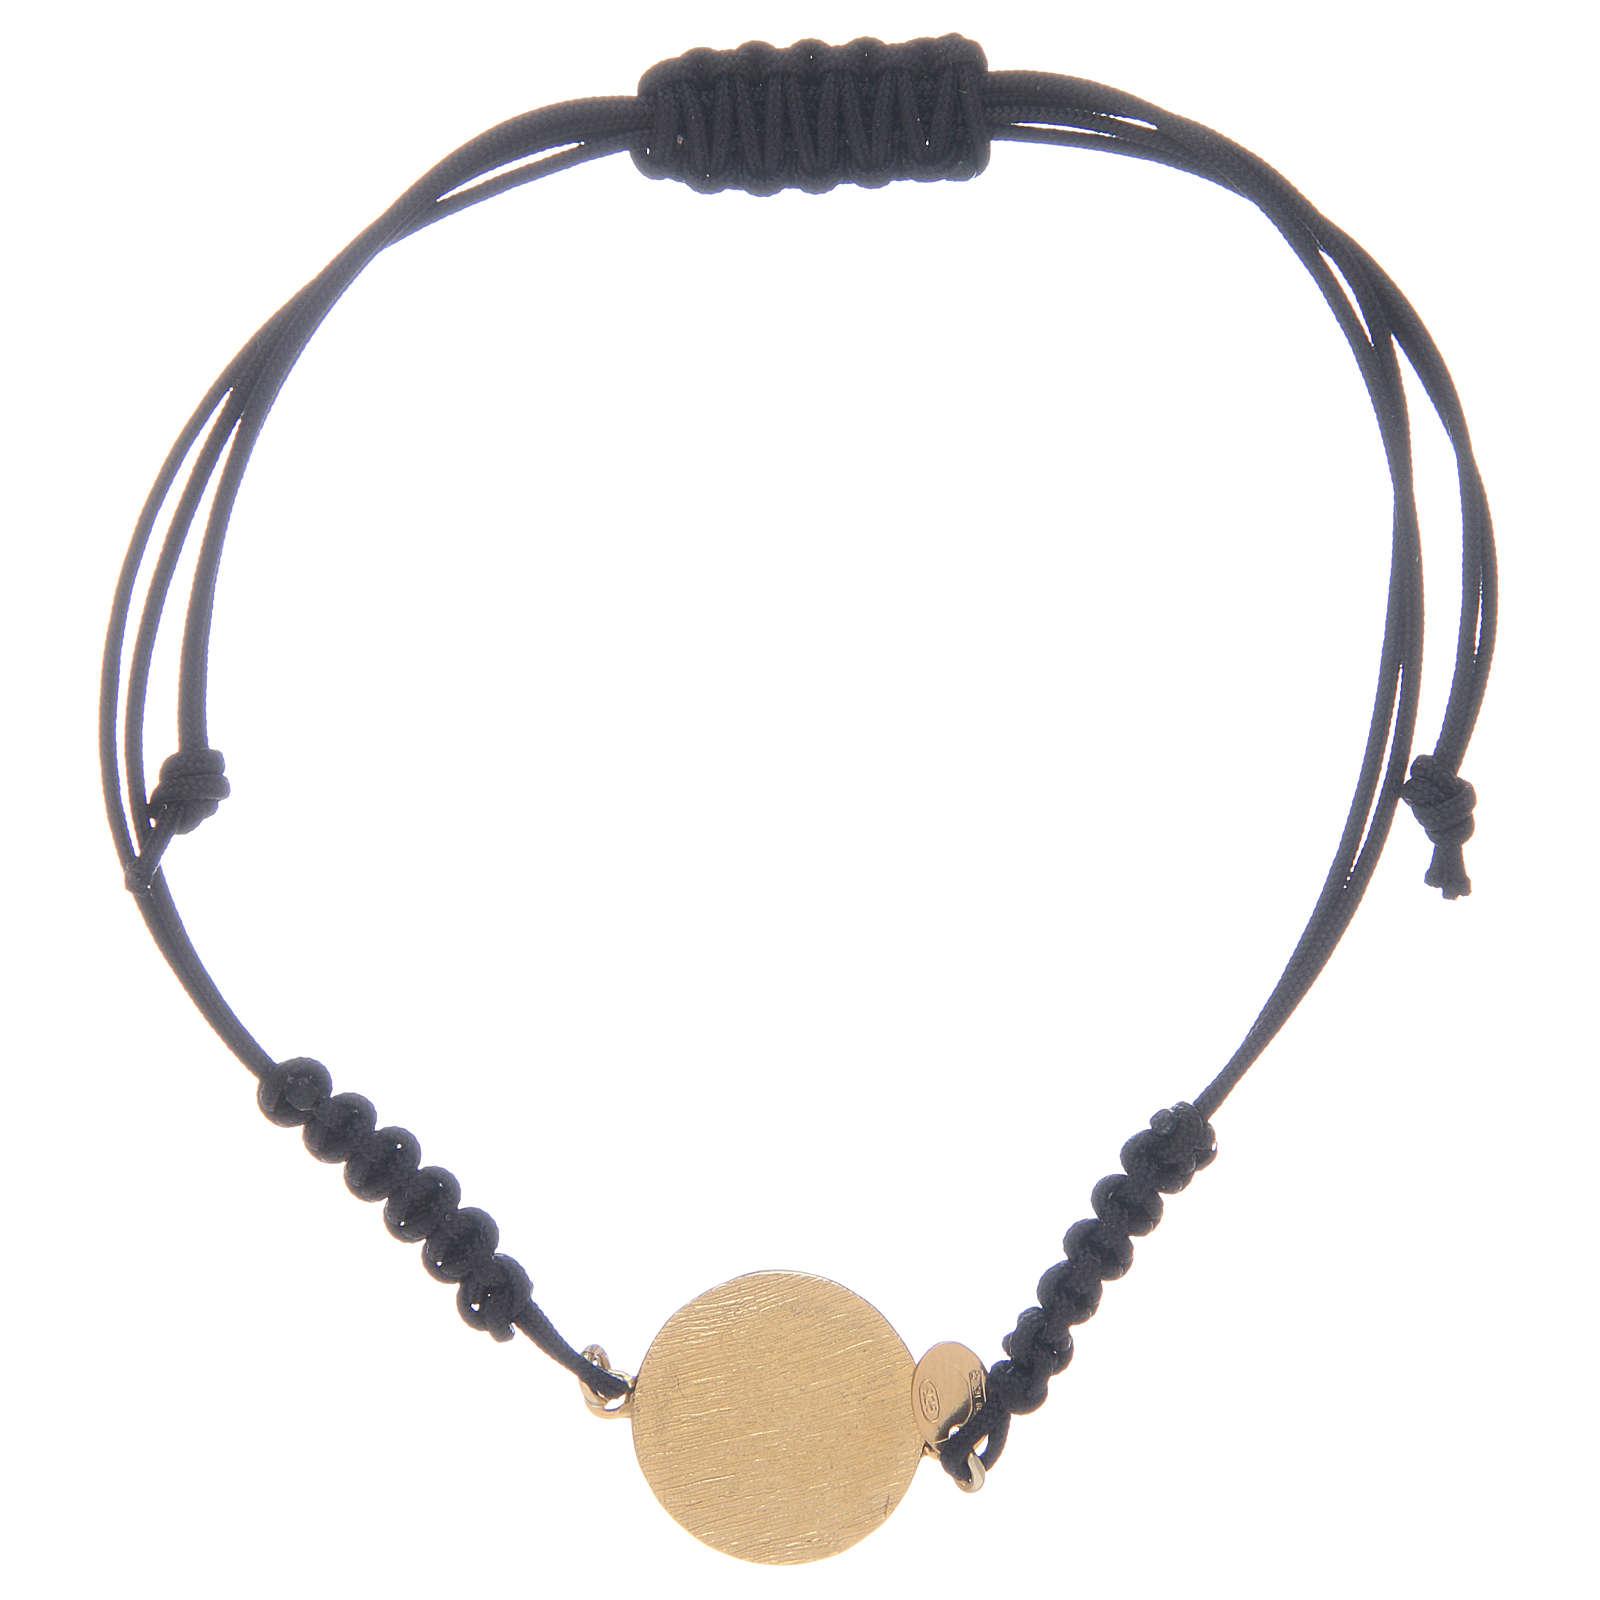 Bracciale  Medaglia Miracolosa argento 925 con zirconi neri 4